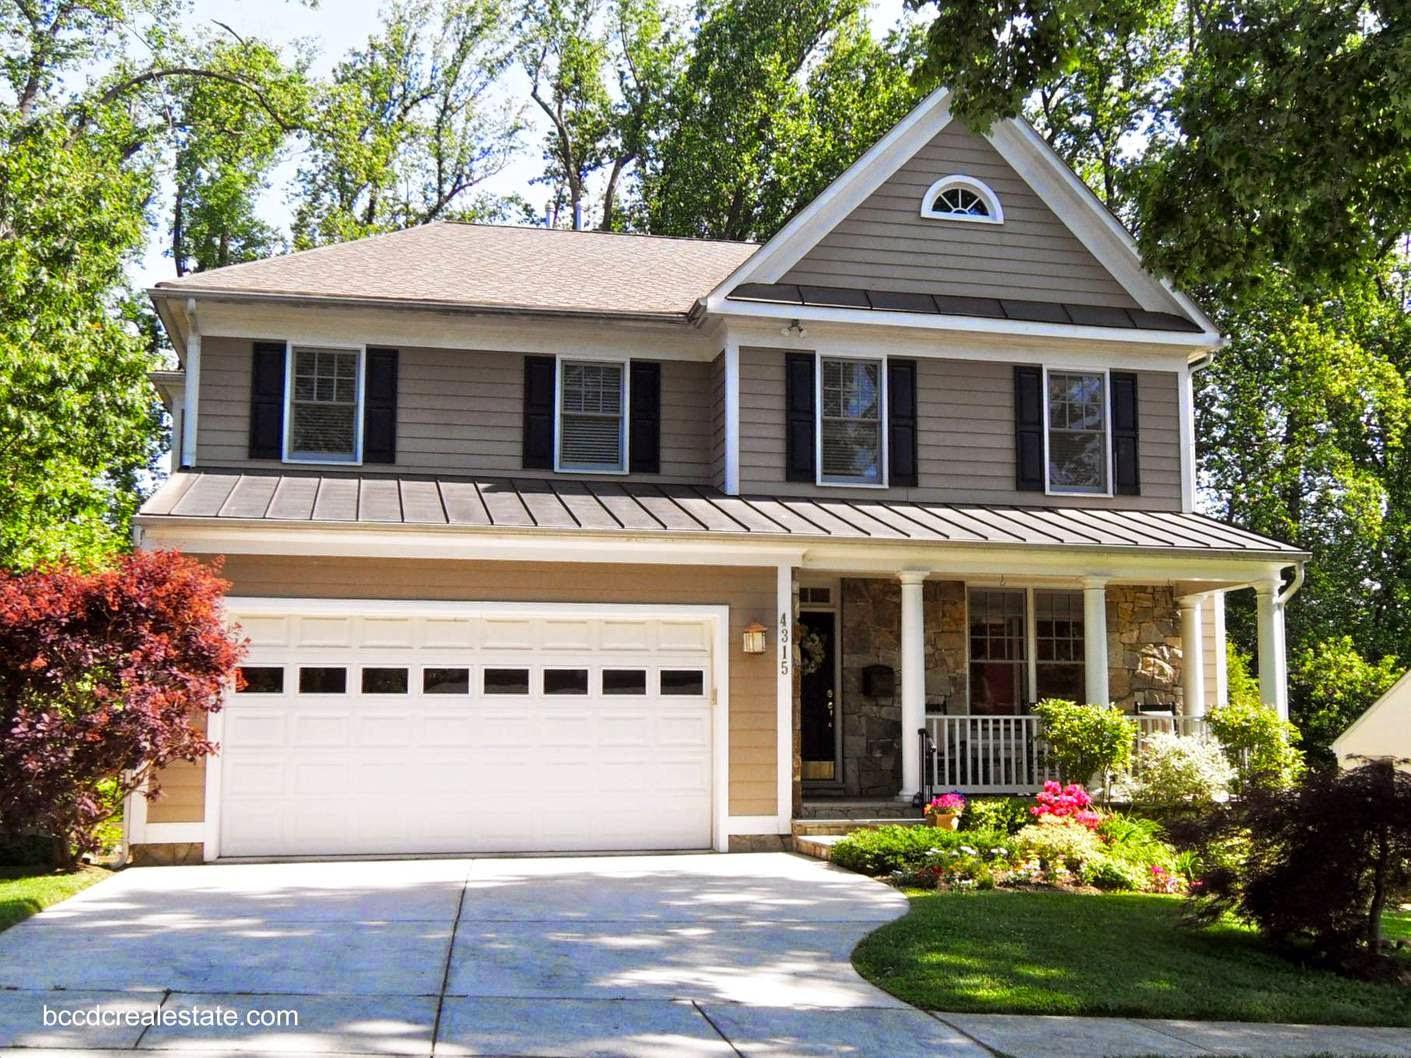 Arquitectura de casas 26 ejemplos de casas bonitas for Casas bonitas